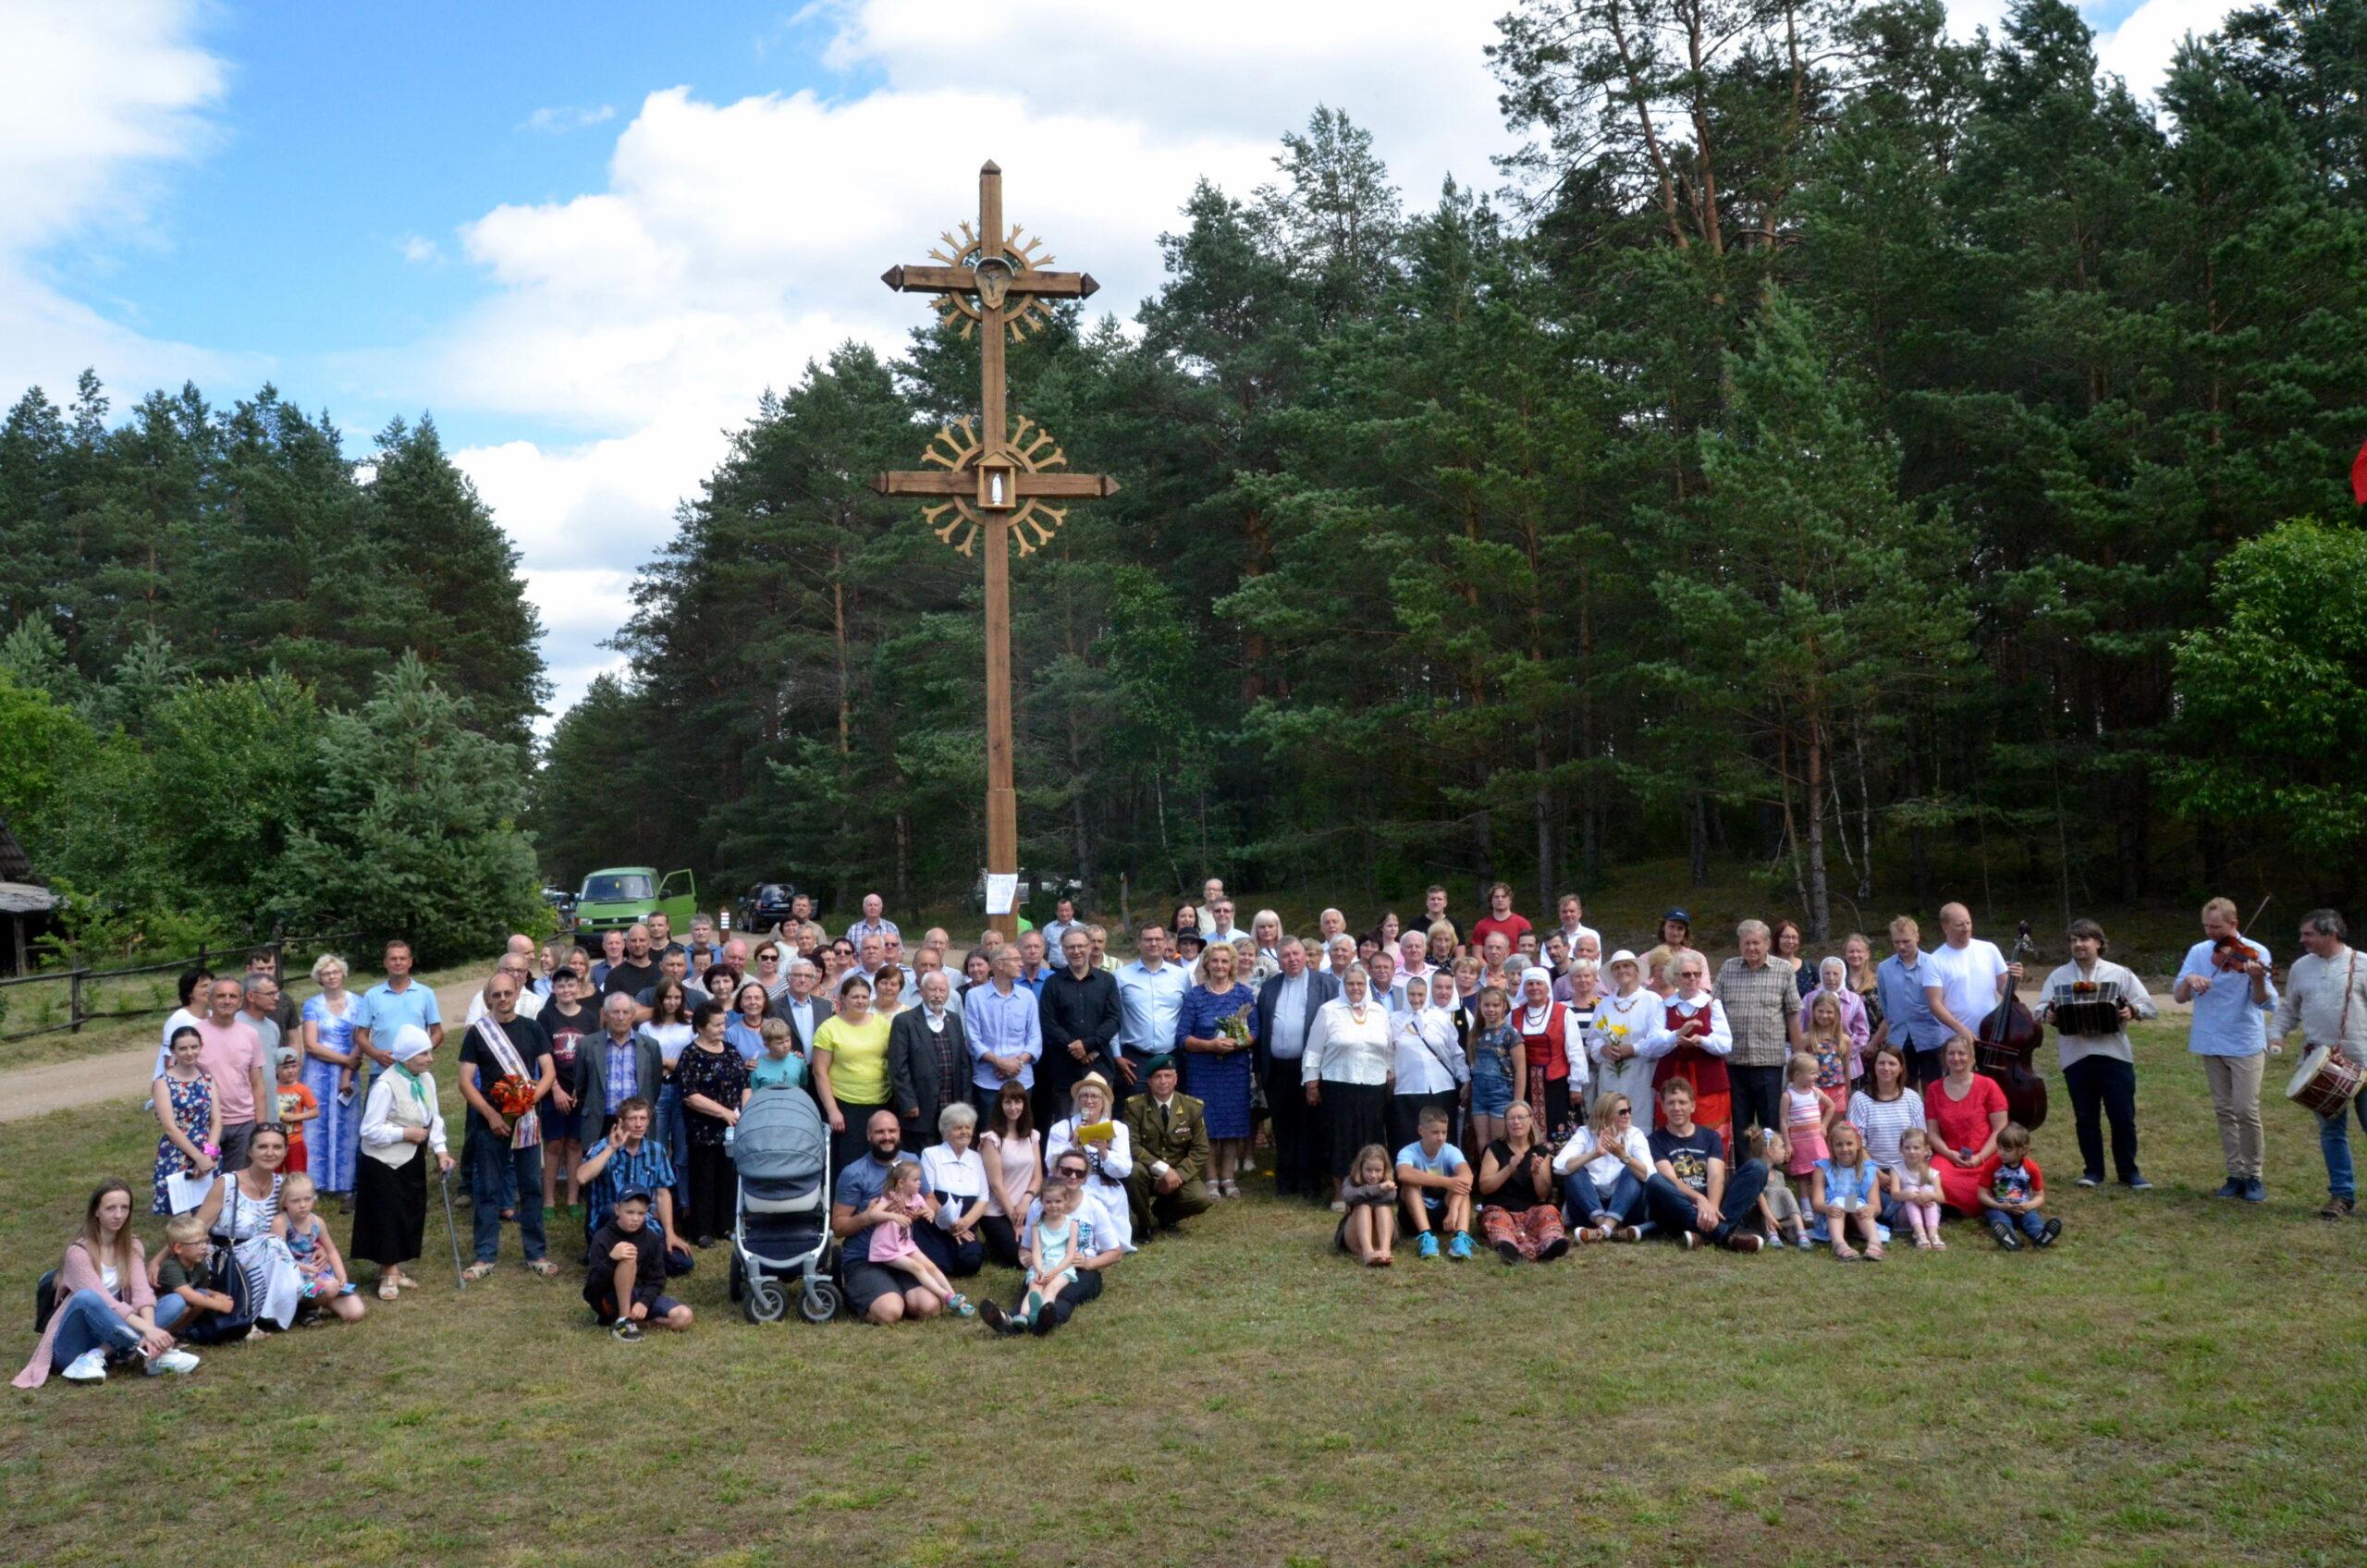 Didelė bendruomenė prie kryžiaus.